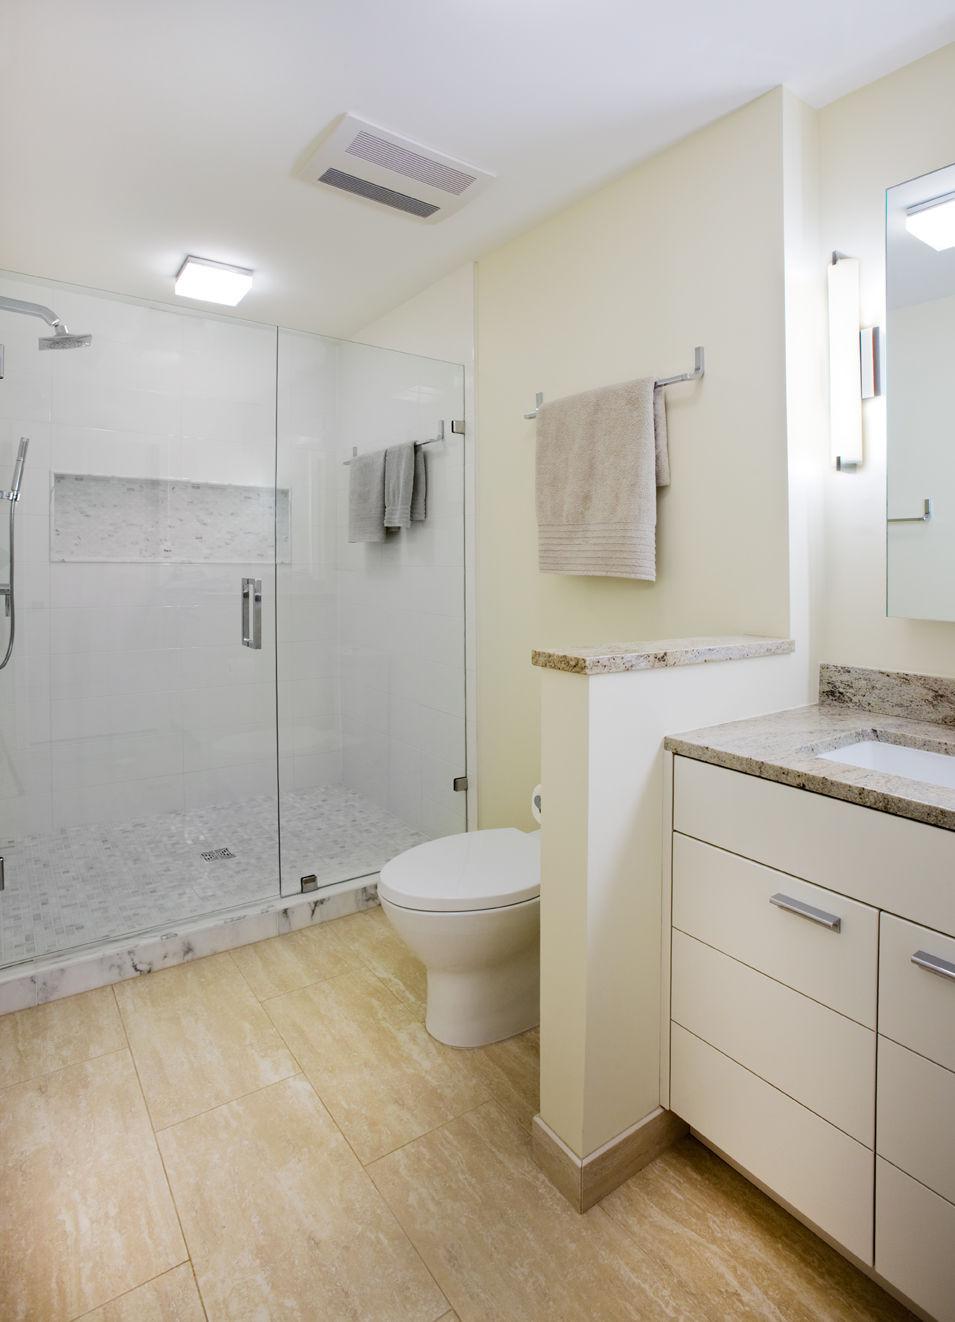 awesome panasonic whisper quiet bathroom fan with light inspiration-Unique Panasonic Whisper Quiet Bathroom Fan with Light Inspiration